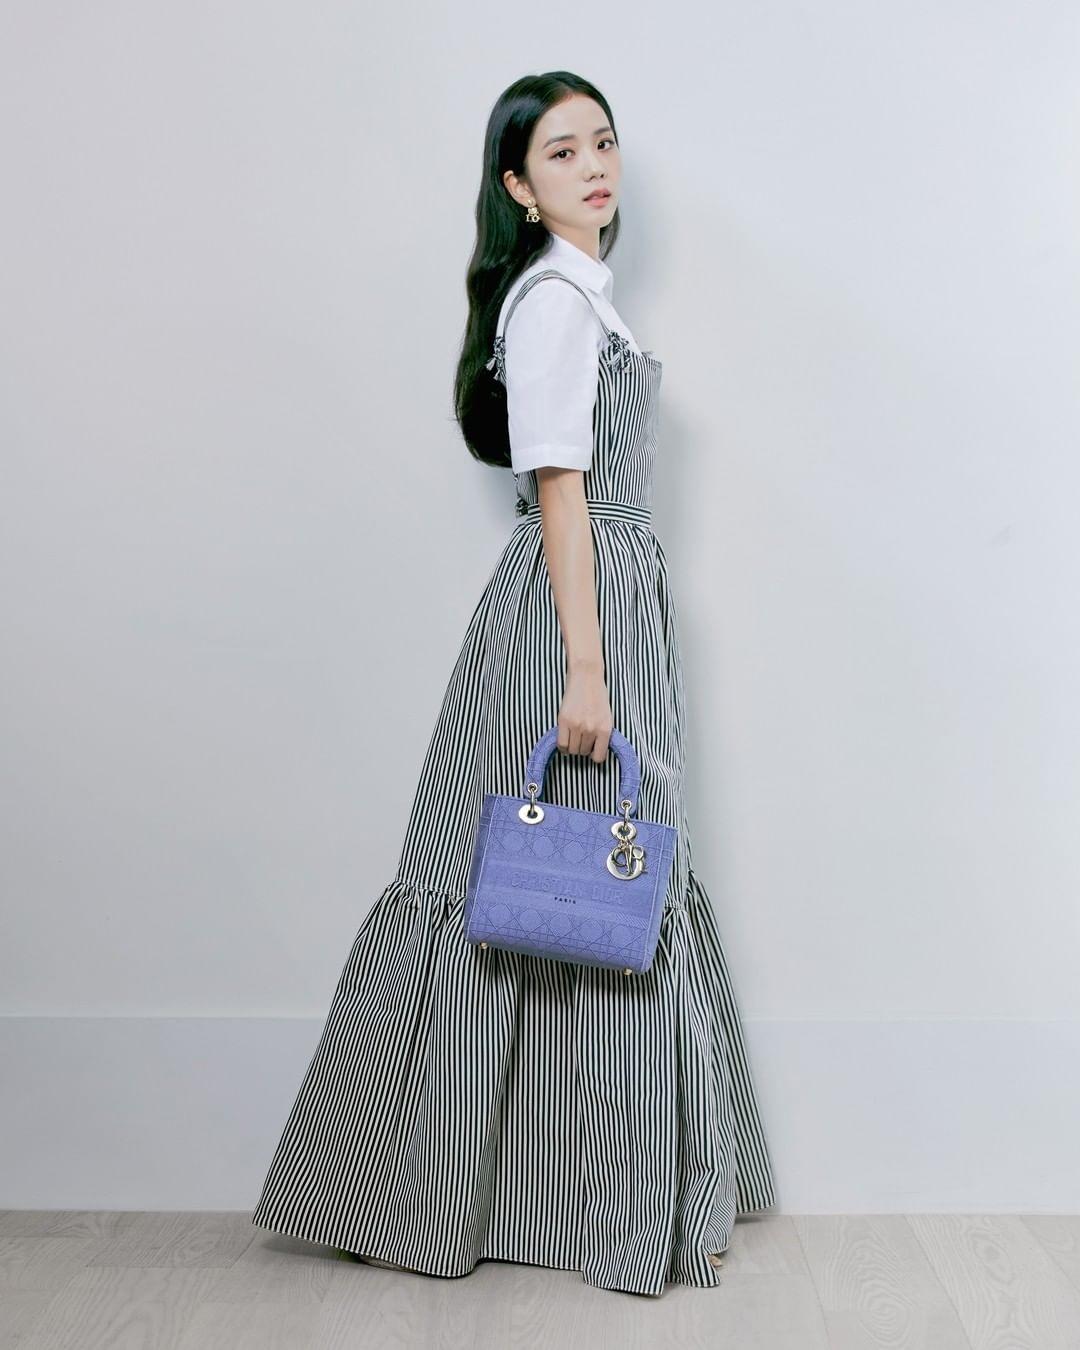 Đụng váy áo với với Jisoo, Triệu Lệ Dĩnh tuy có cách mix phá cách hơn nhưng lại bị chê như diện đồ Taobao kém sang - Ảnh 6.